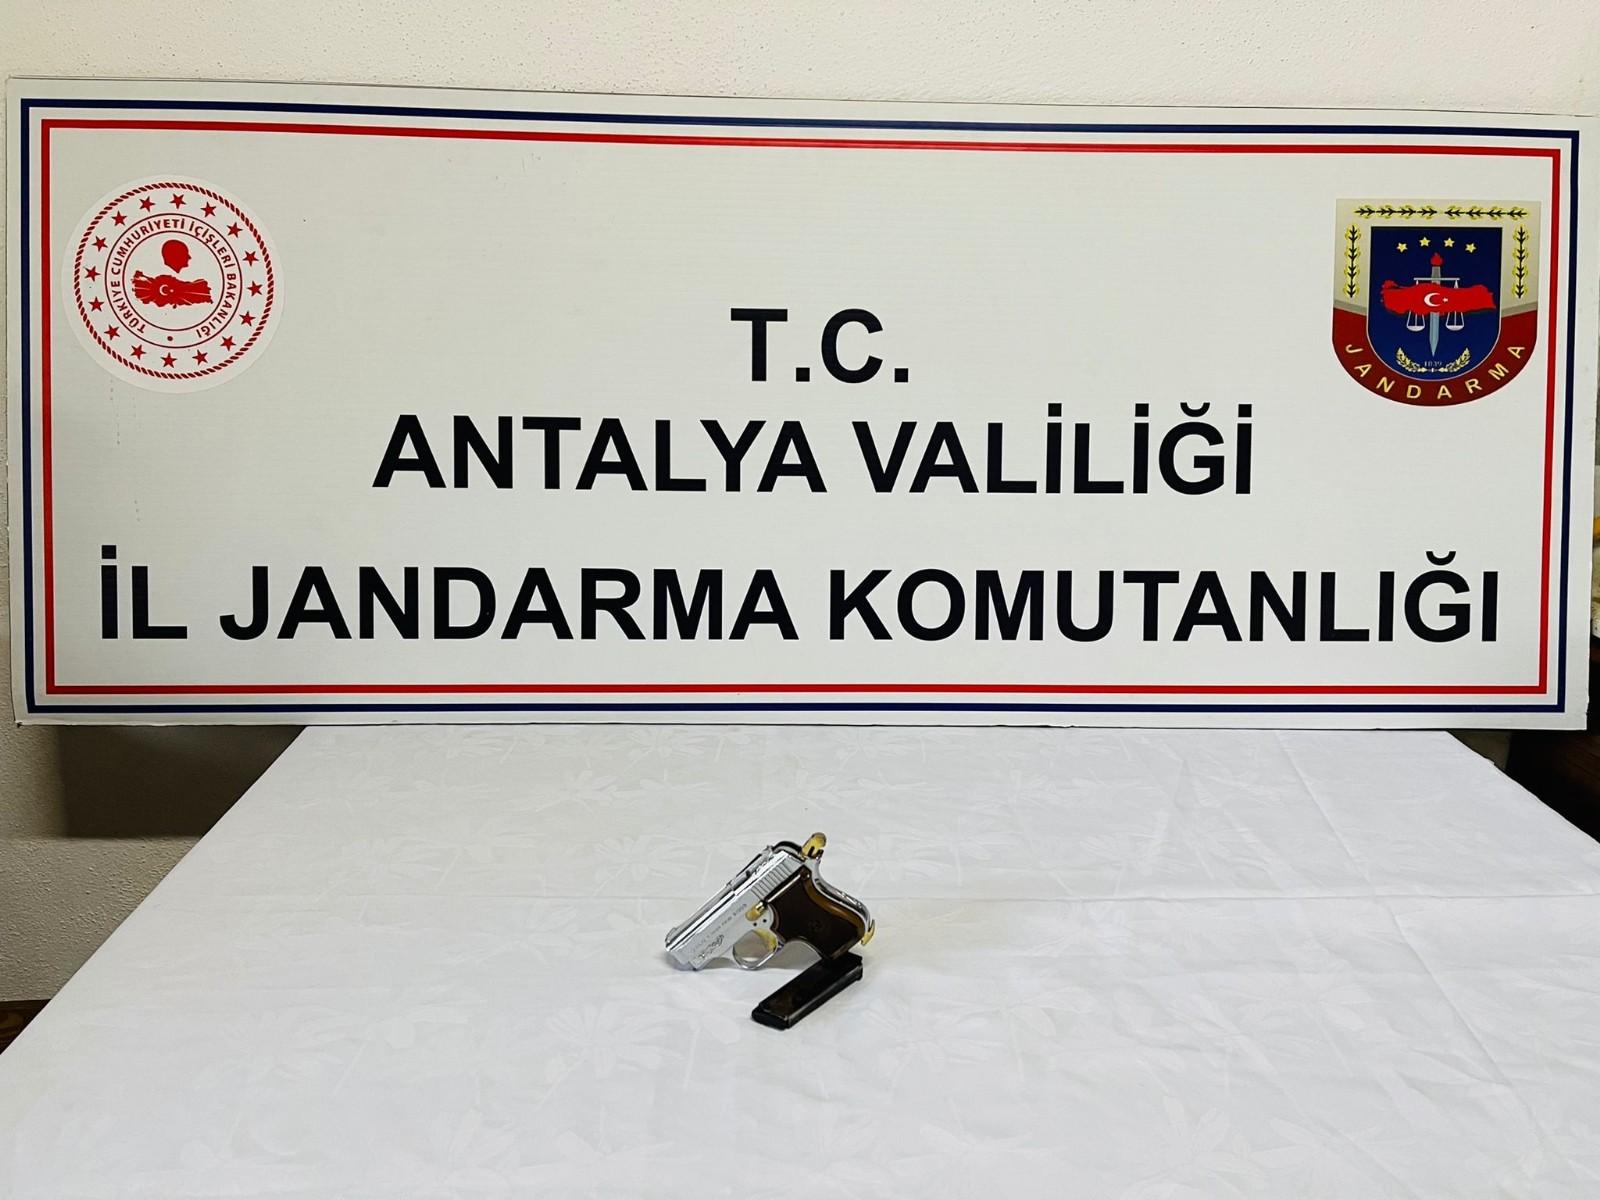 Antalya'da rutin yol kontrolleri sırasında durdurulan bir otobüste ruhsatsız tabanca ele geçirildi